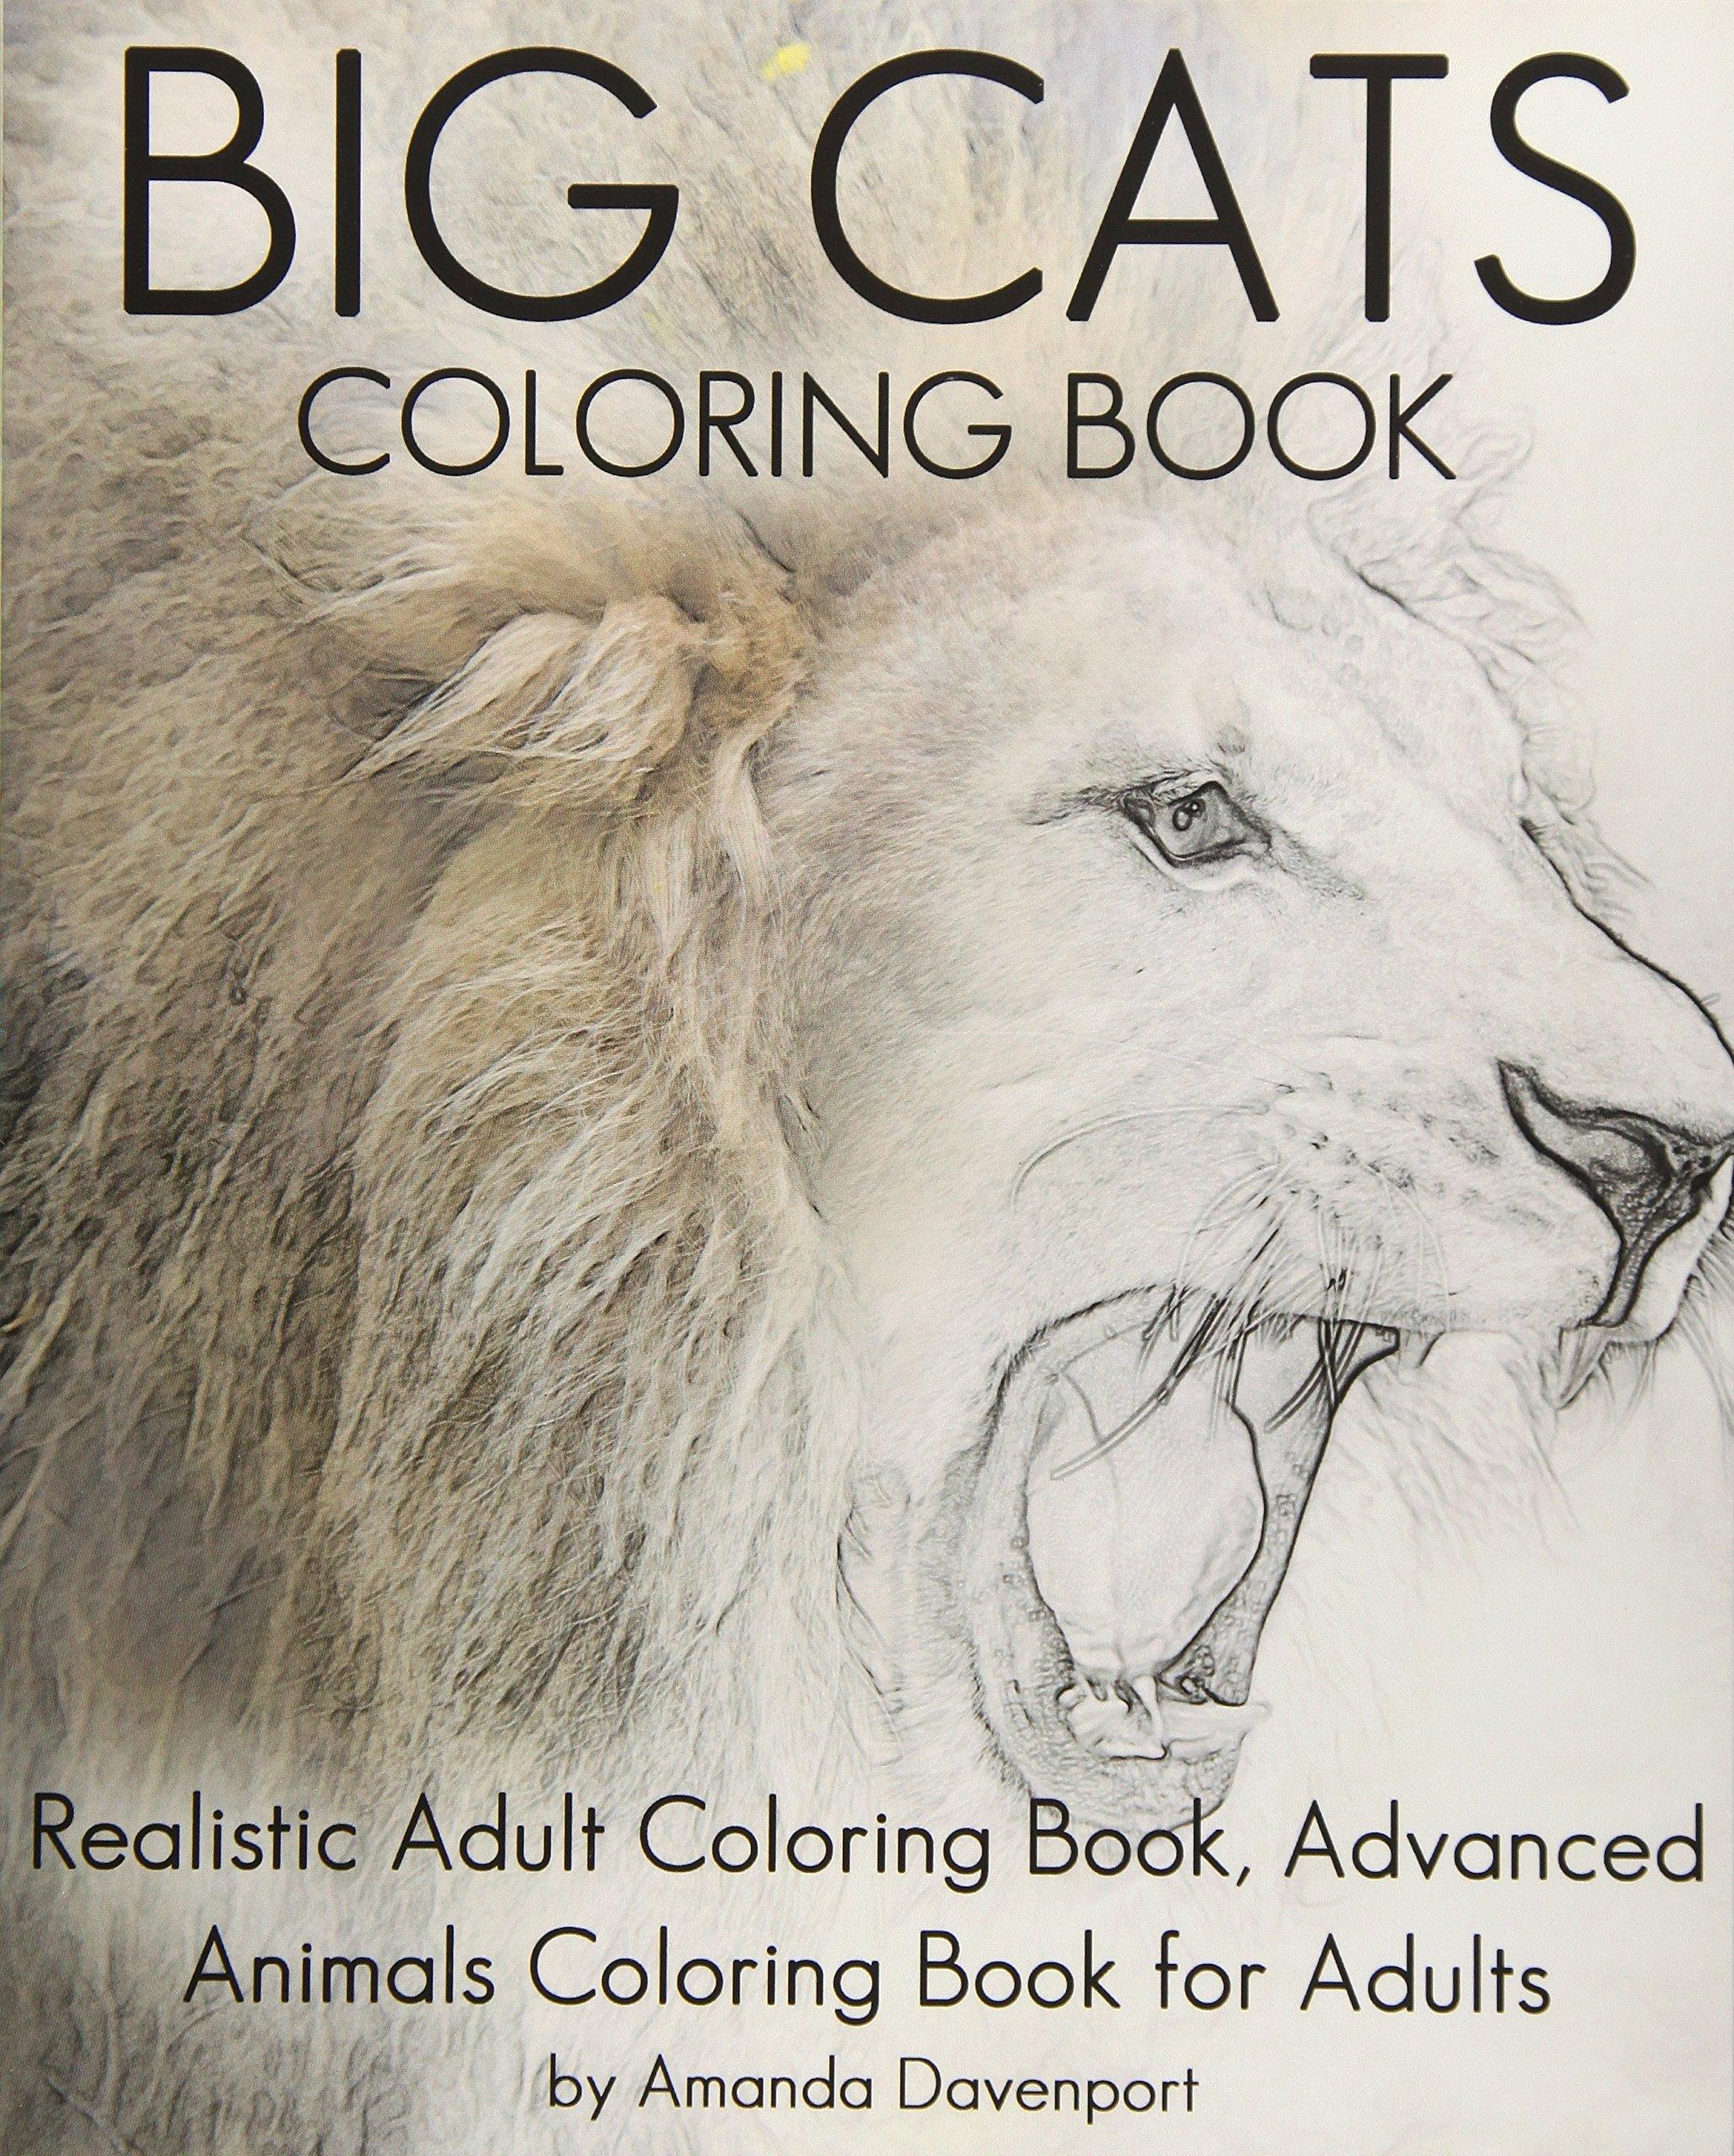 - Amazon.com: Big Cats Coloring Book: Realistic Adult Coloring Book, Advanced  Animals Coloring Book For Adults (Realistic Animals Coloring Book) (Volume  7) (9781530715213): Davenport, Amanda: Books